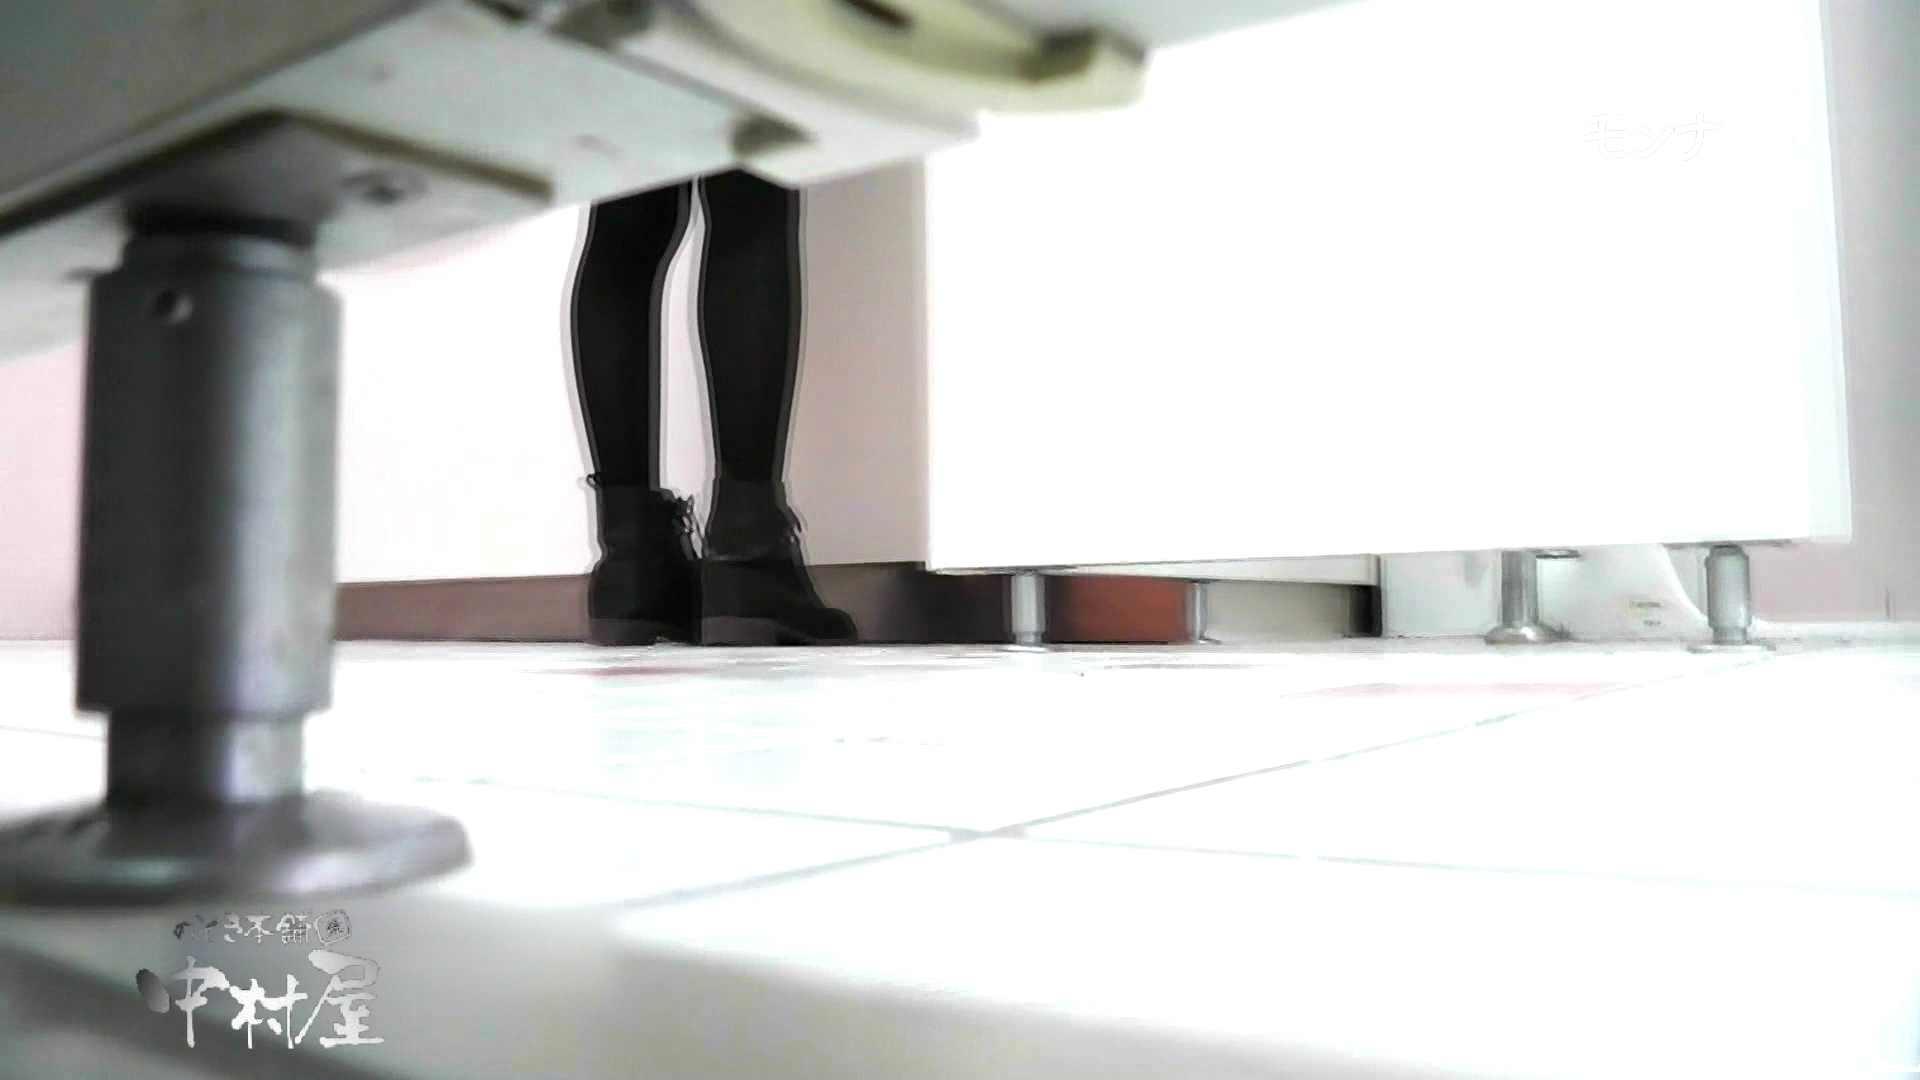 無修正エロ動画|【美しい日本の未来】遂に!!戸田恵梨香似の予告モデル登場ダッシュで「大」前編|のぞき本舗 中村屋